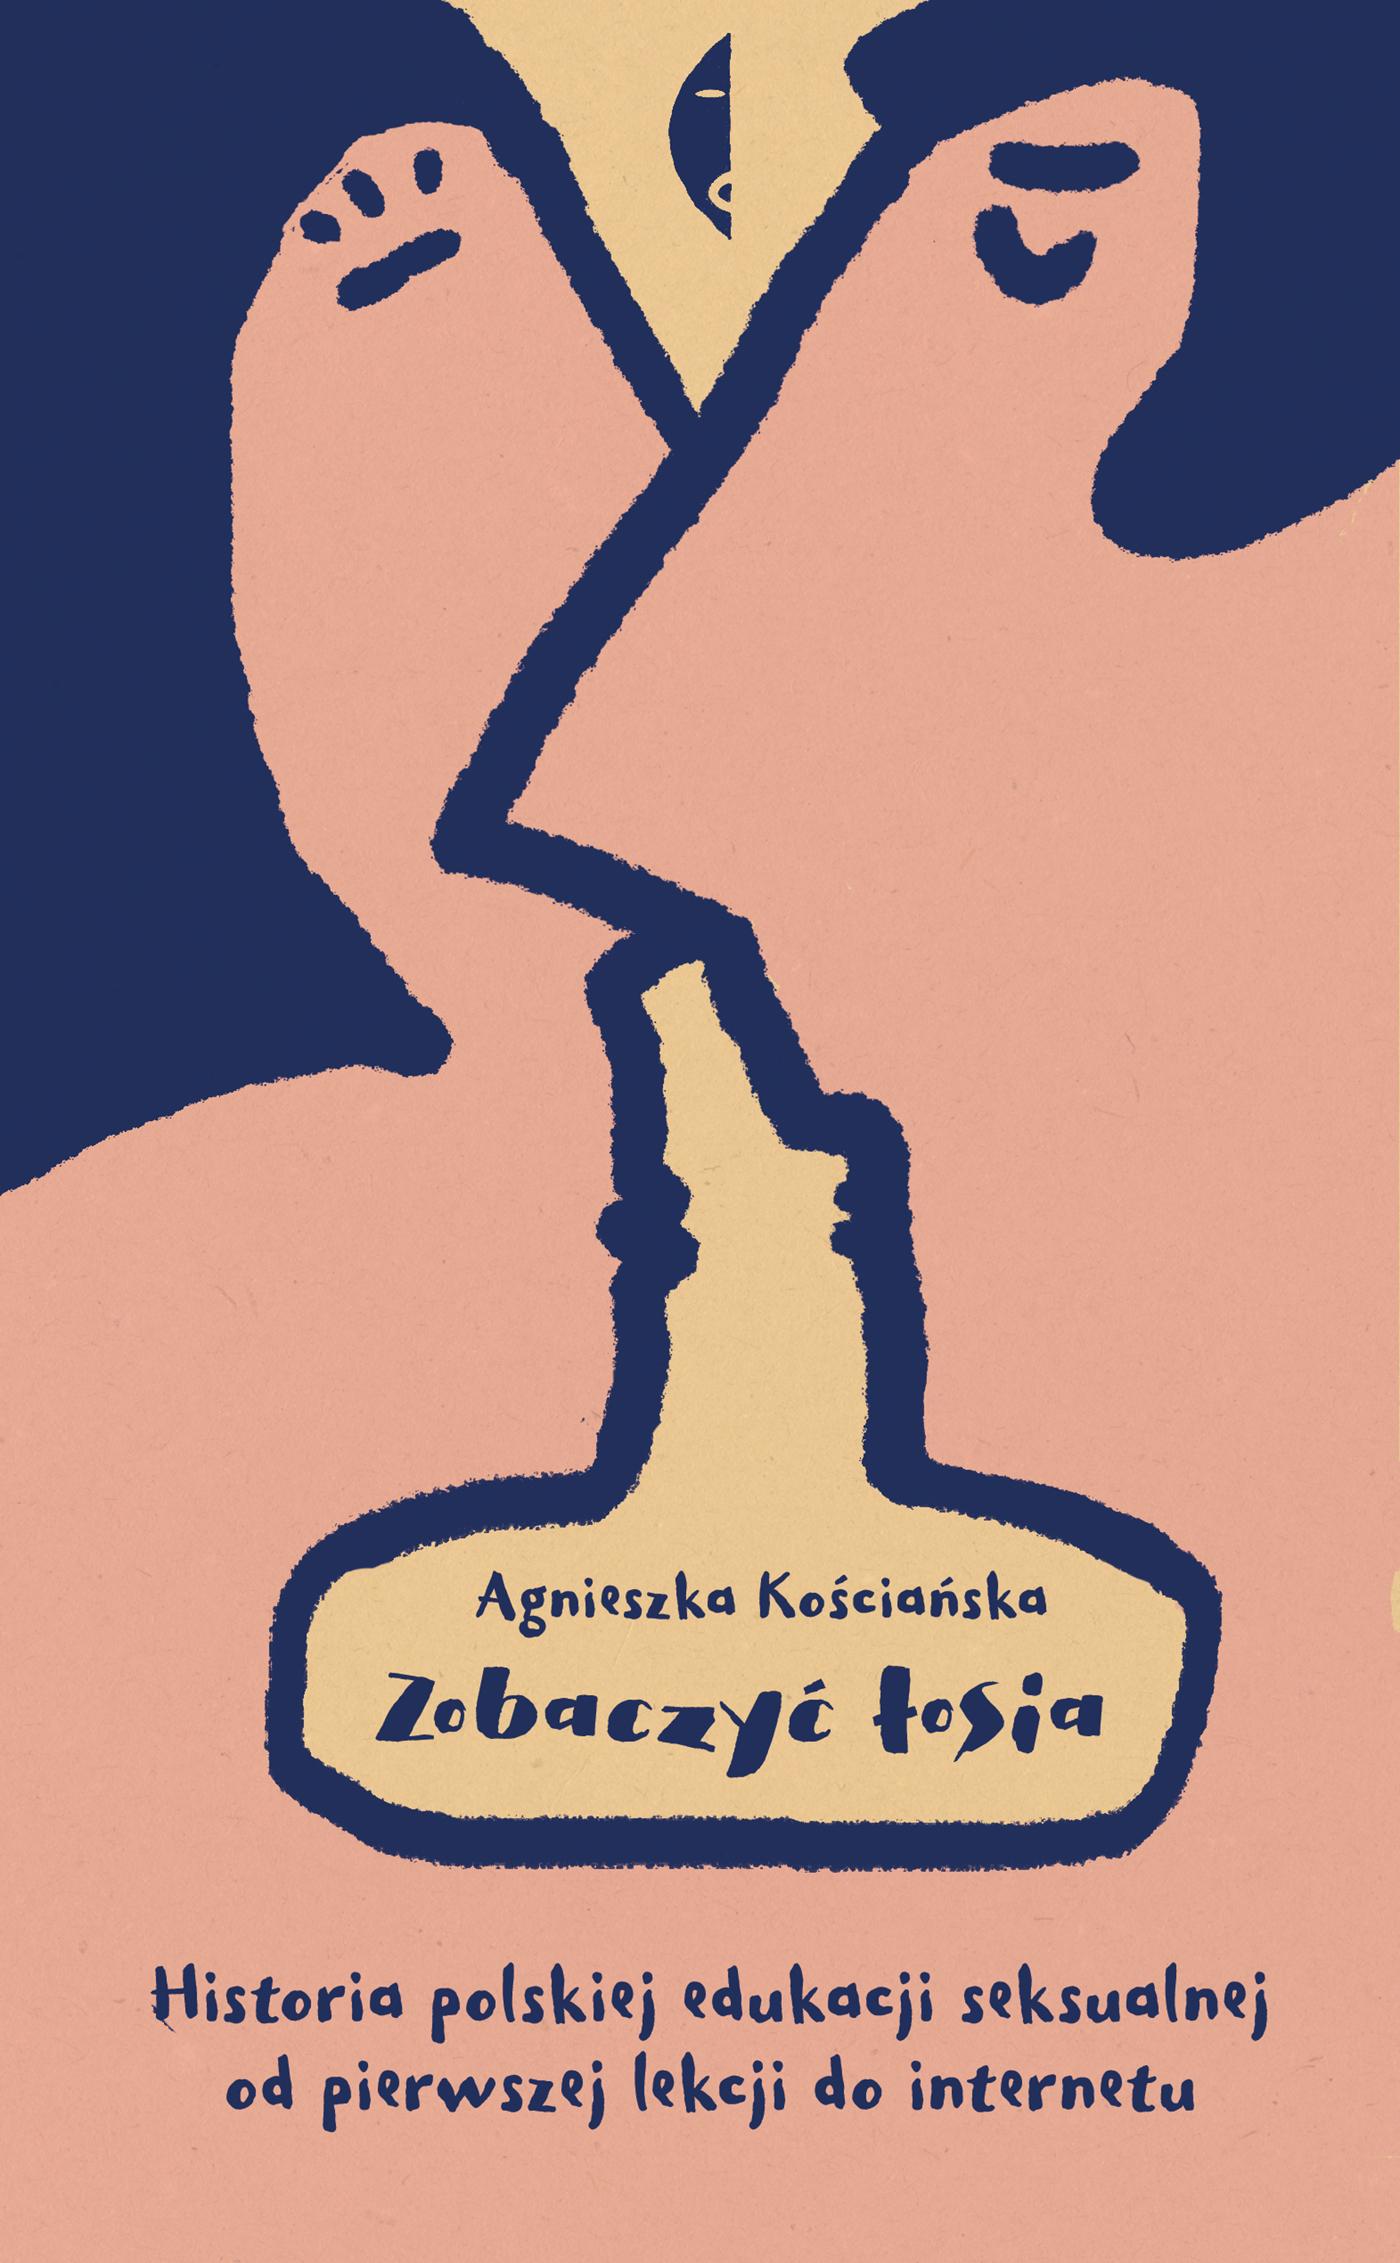 """Agnieszka Kościańska, """"Zobaczyć łosia. Historia polskiej edukacji seksualnej od pierwszej lekcji do internetu"""", Wydawnictwo Czarne (źródło: materiały prasowe wydawcy)"""